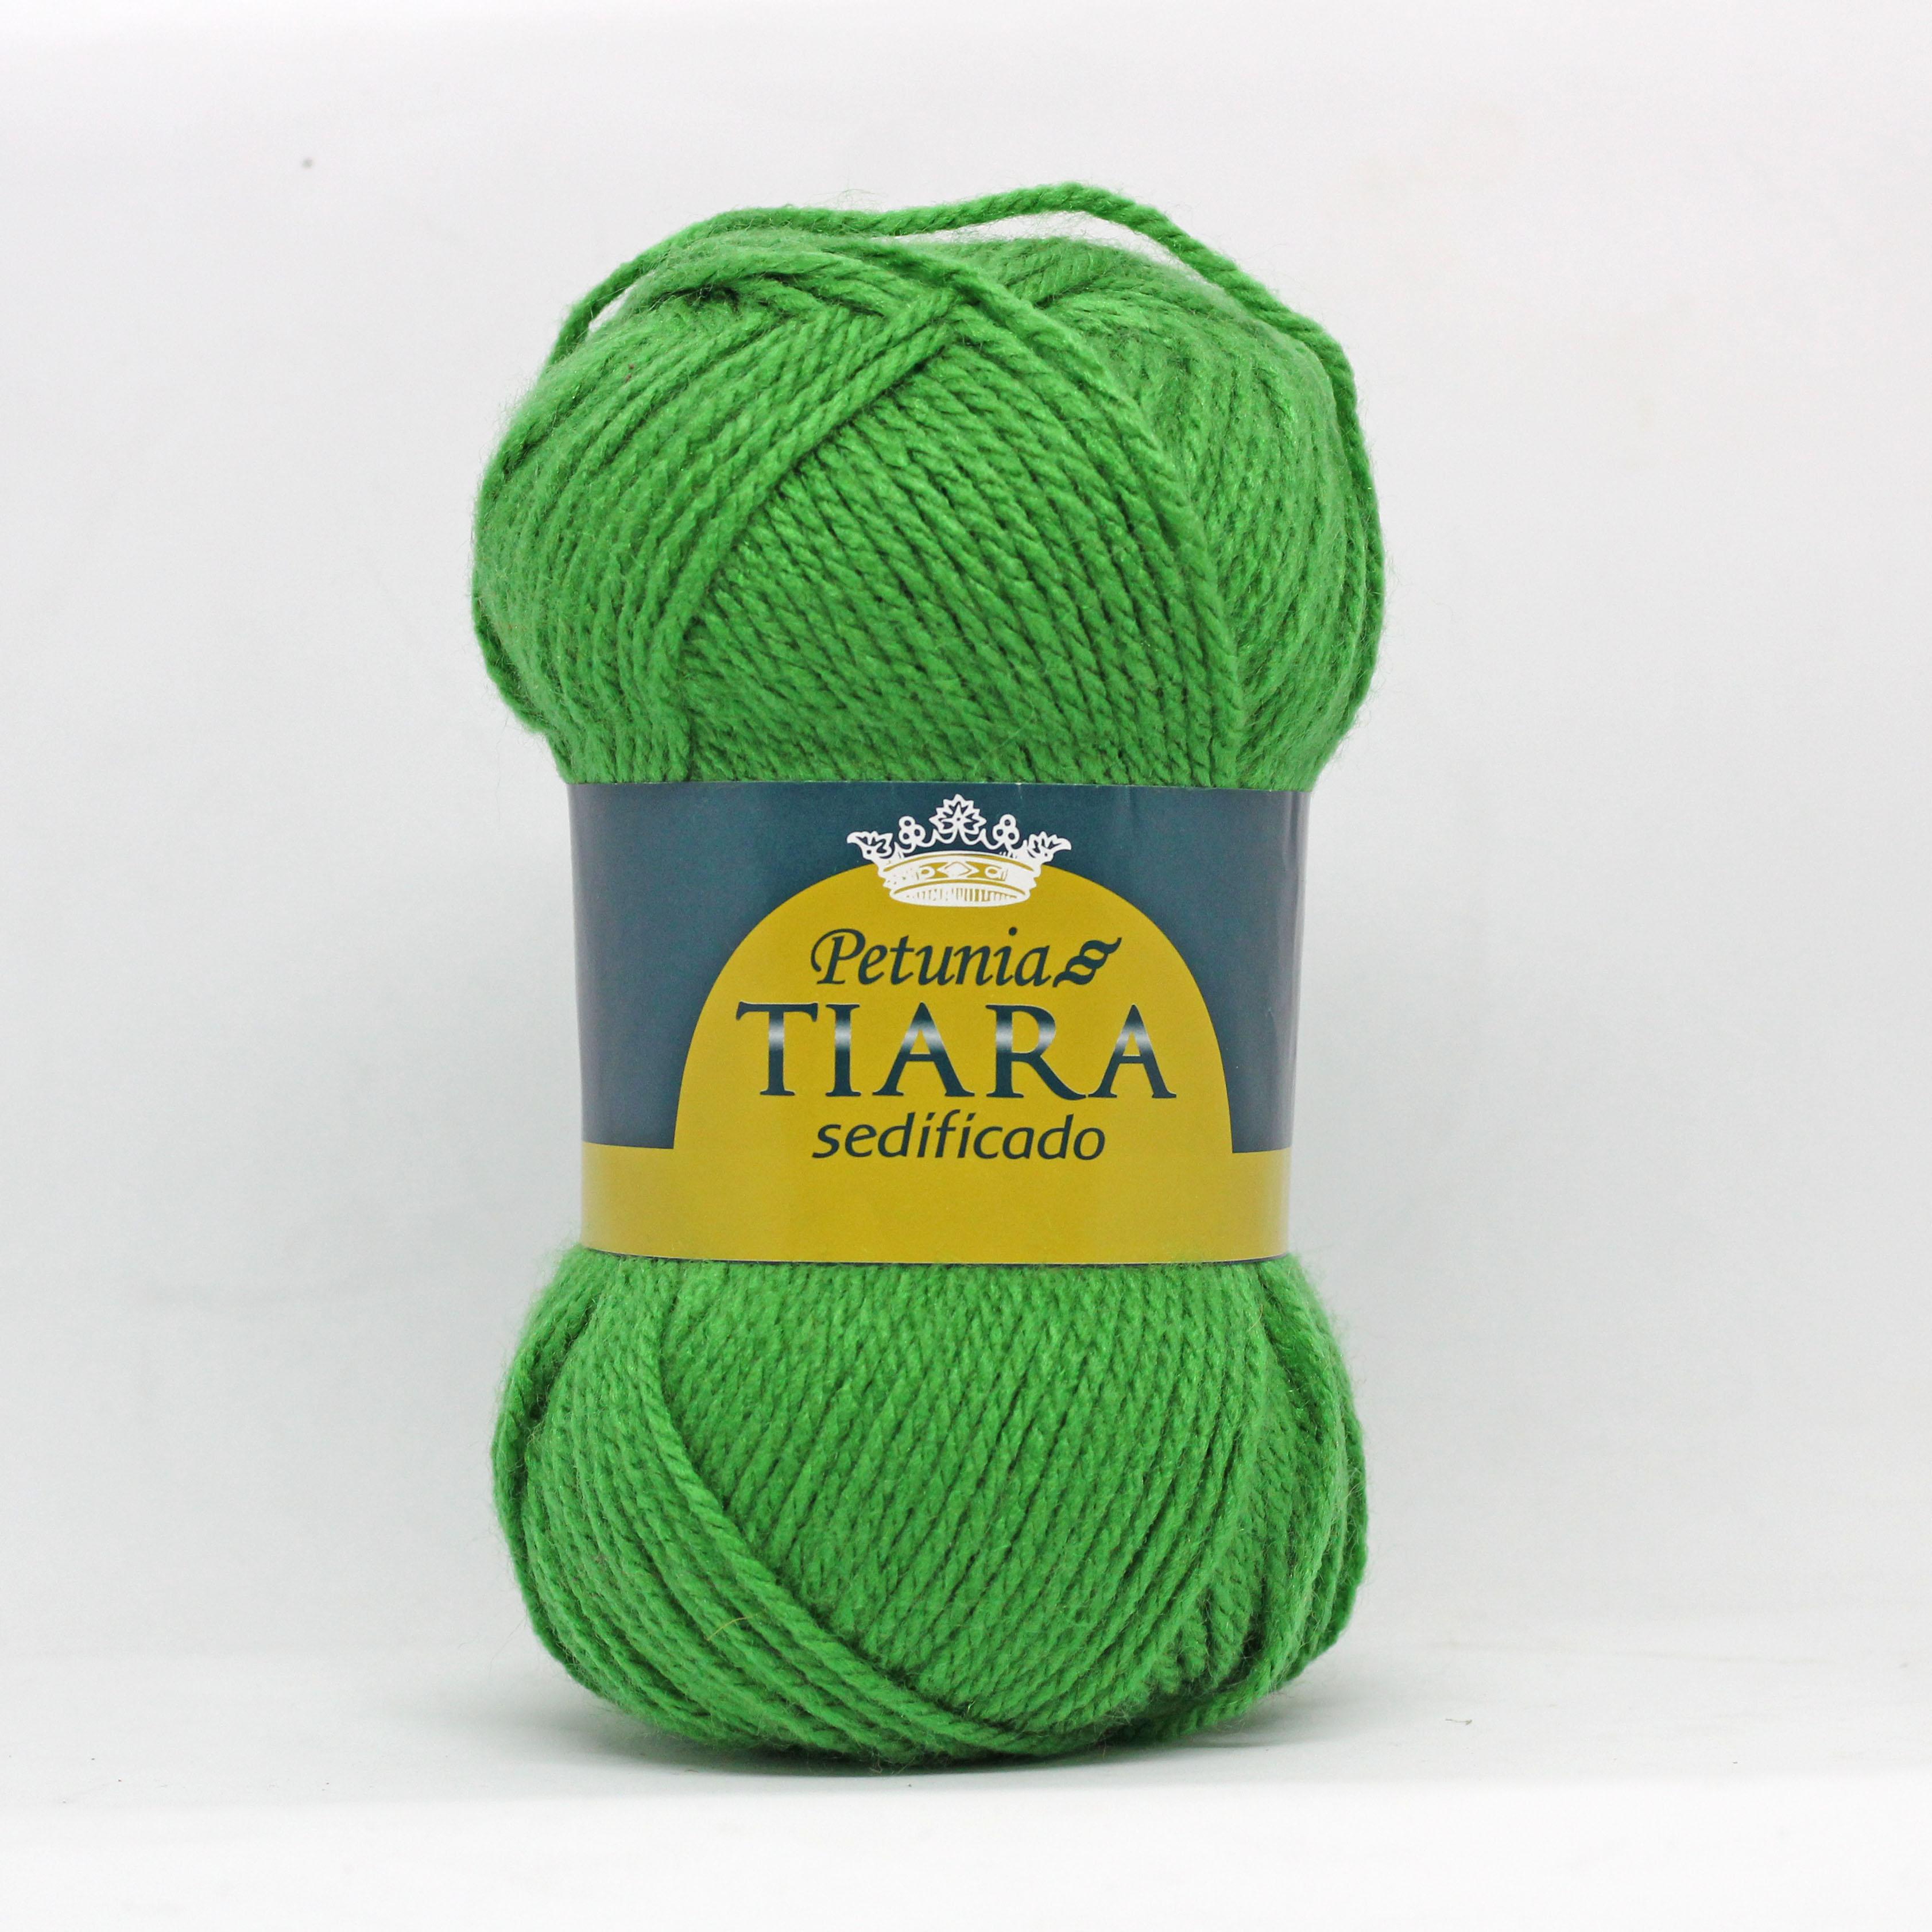 Tiara - 940